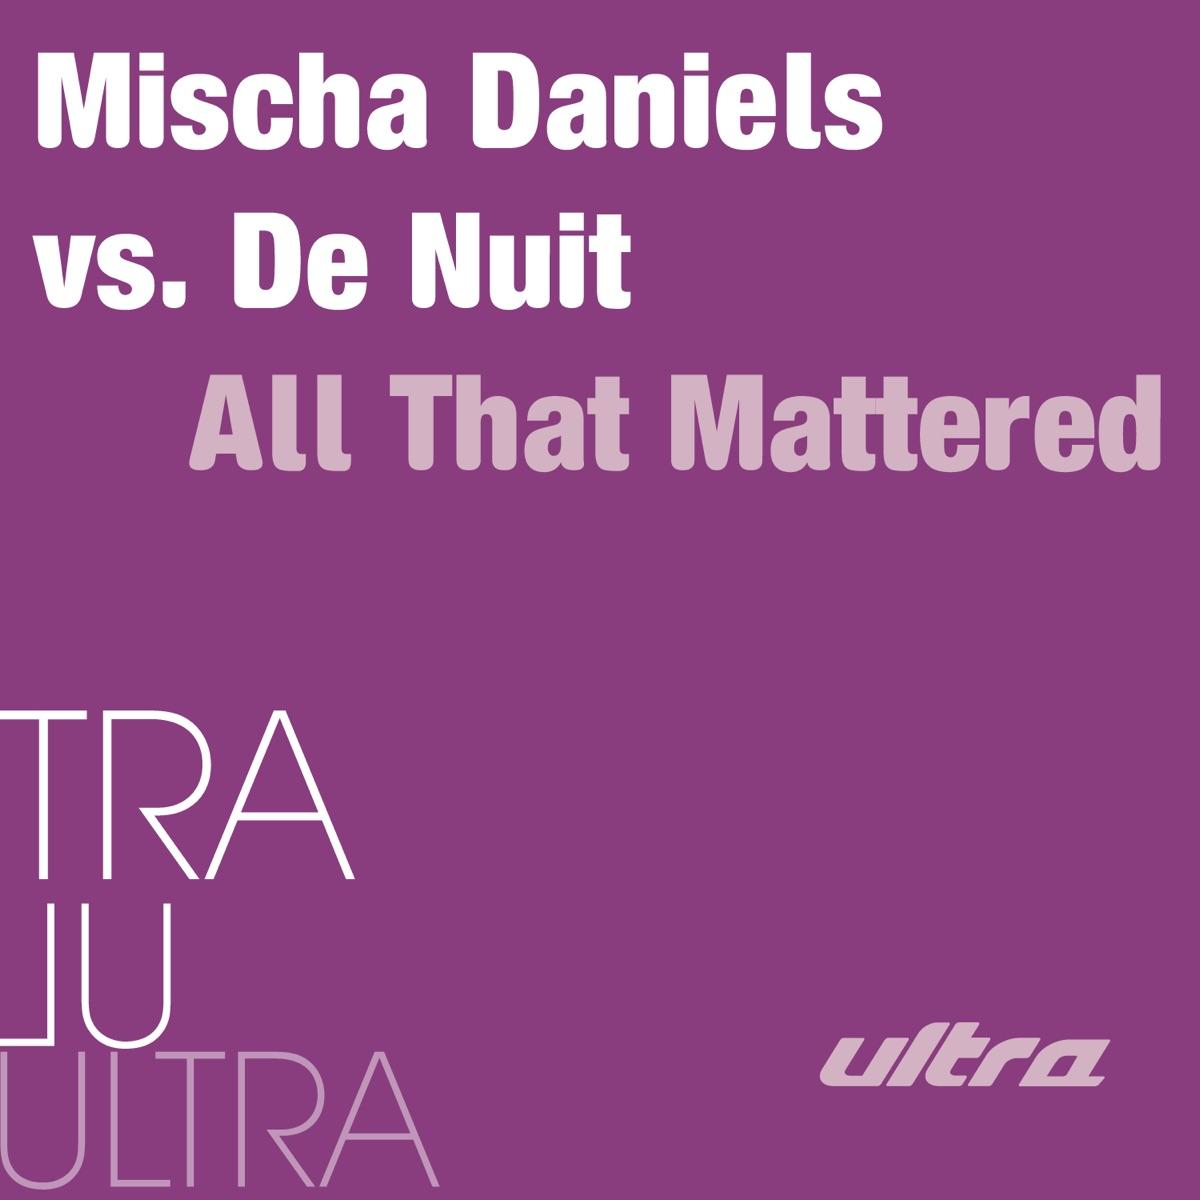 All That Mattered - EP Mischa Daniels vs De Nuit CD cover